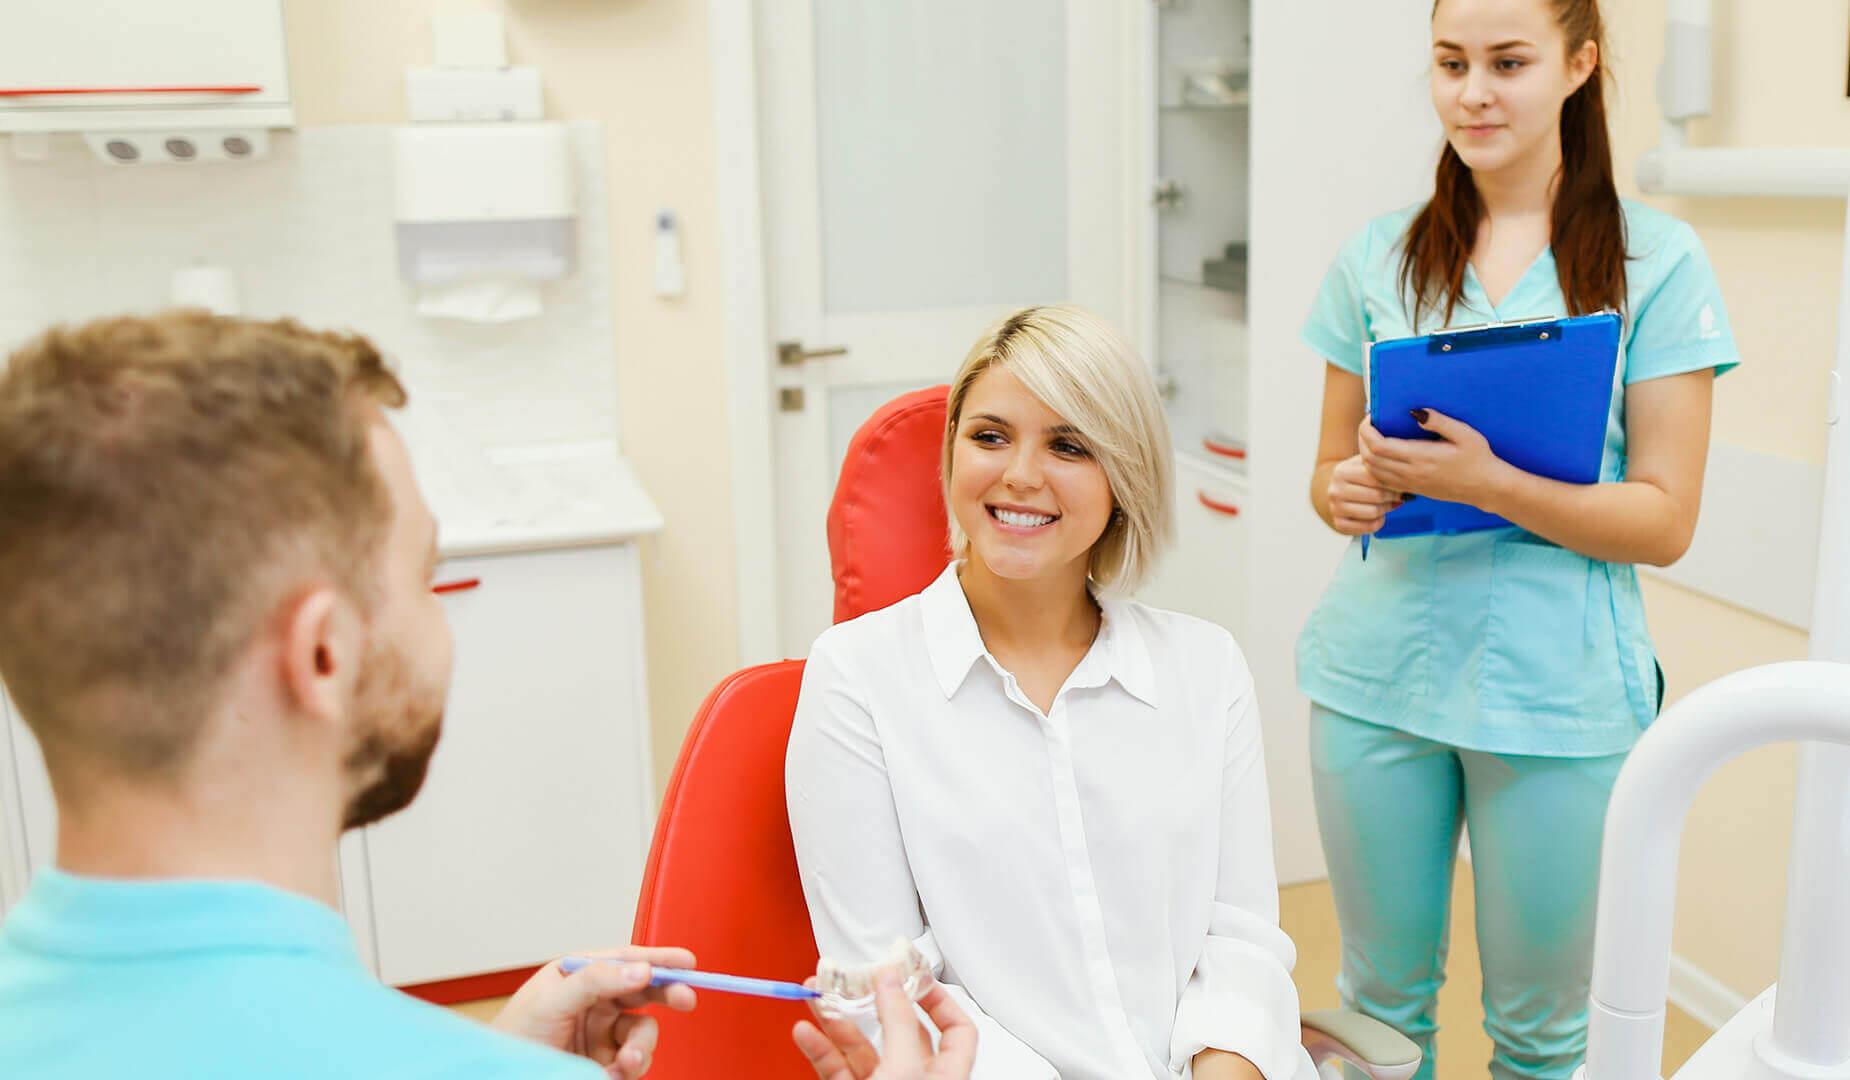 Пациентка на приёме у врача